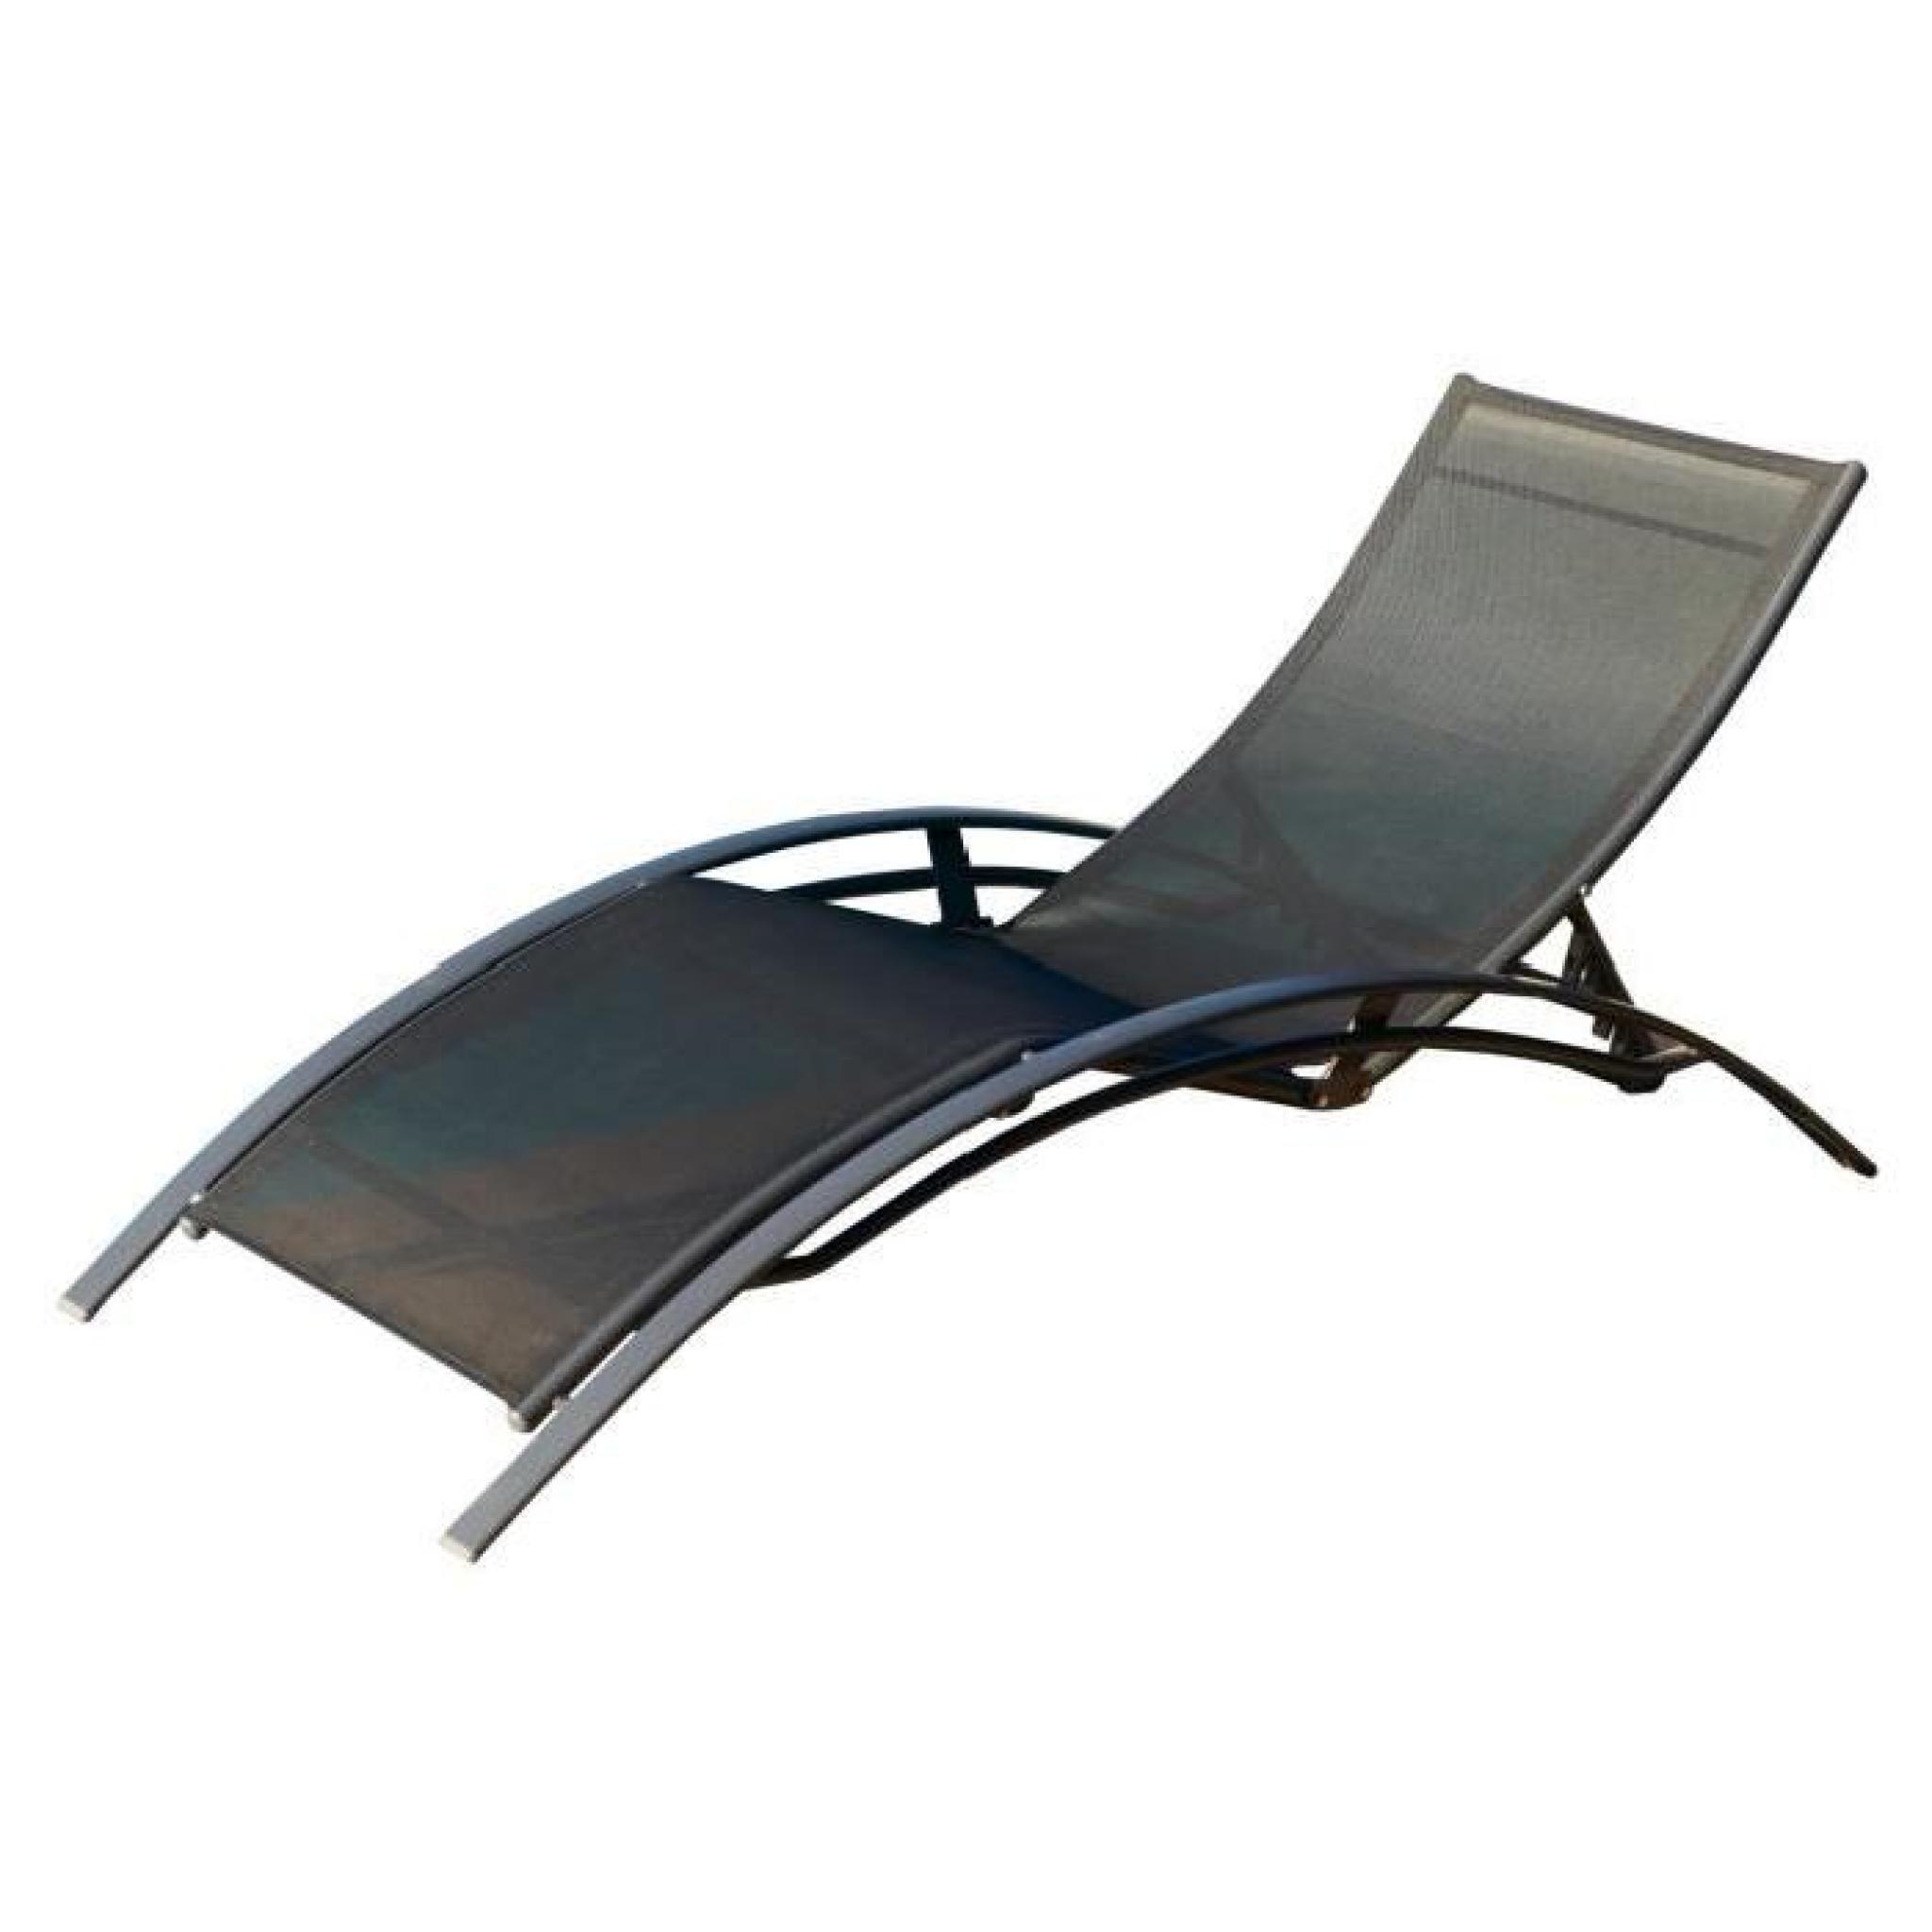 Lot de 2 chaises longues aluminium textil ne noir achat - Chaise longue de jardin pas cher ...